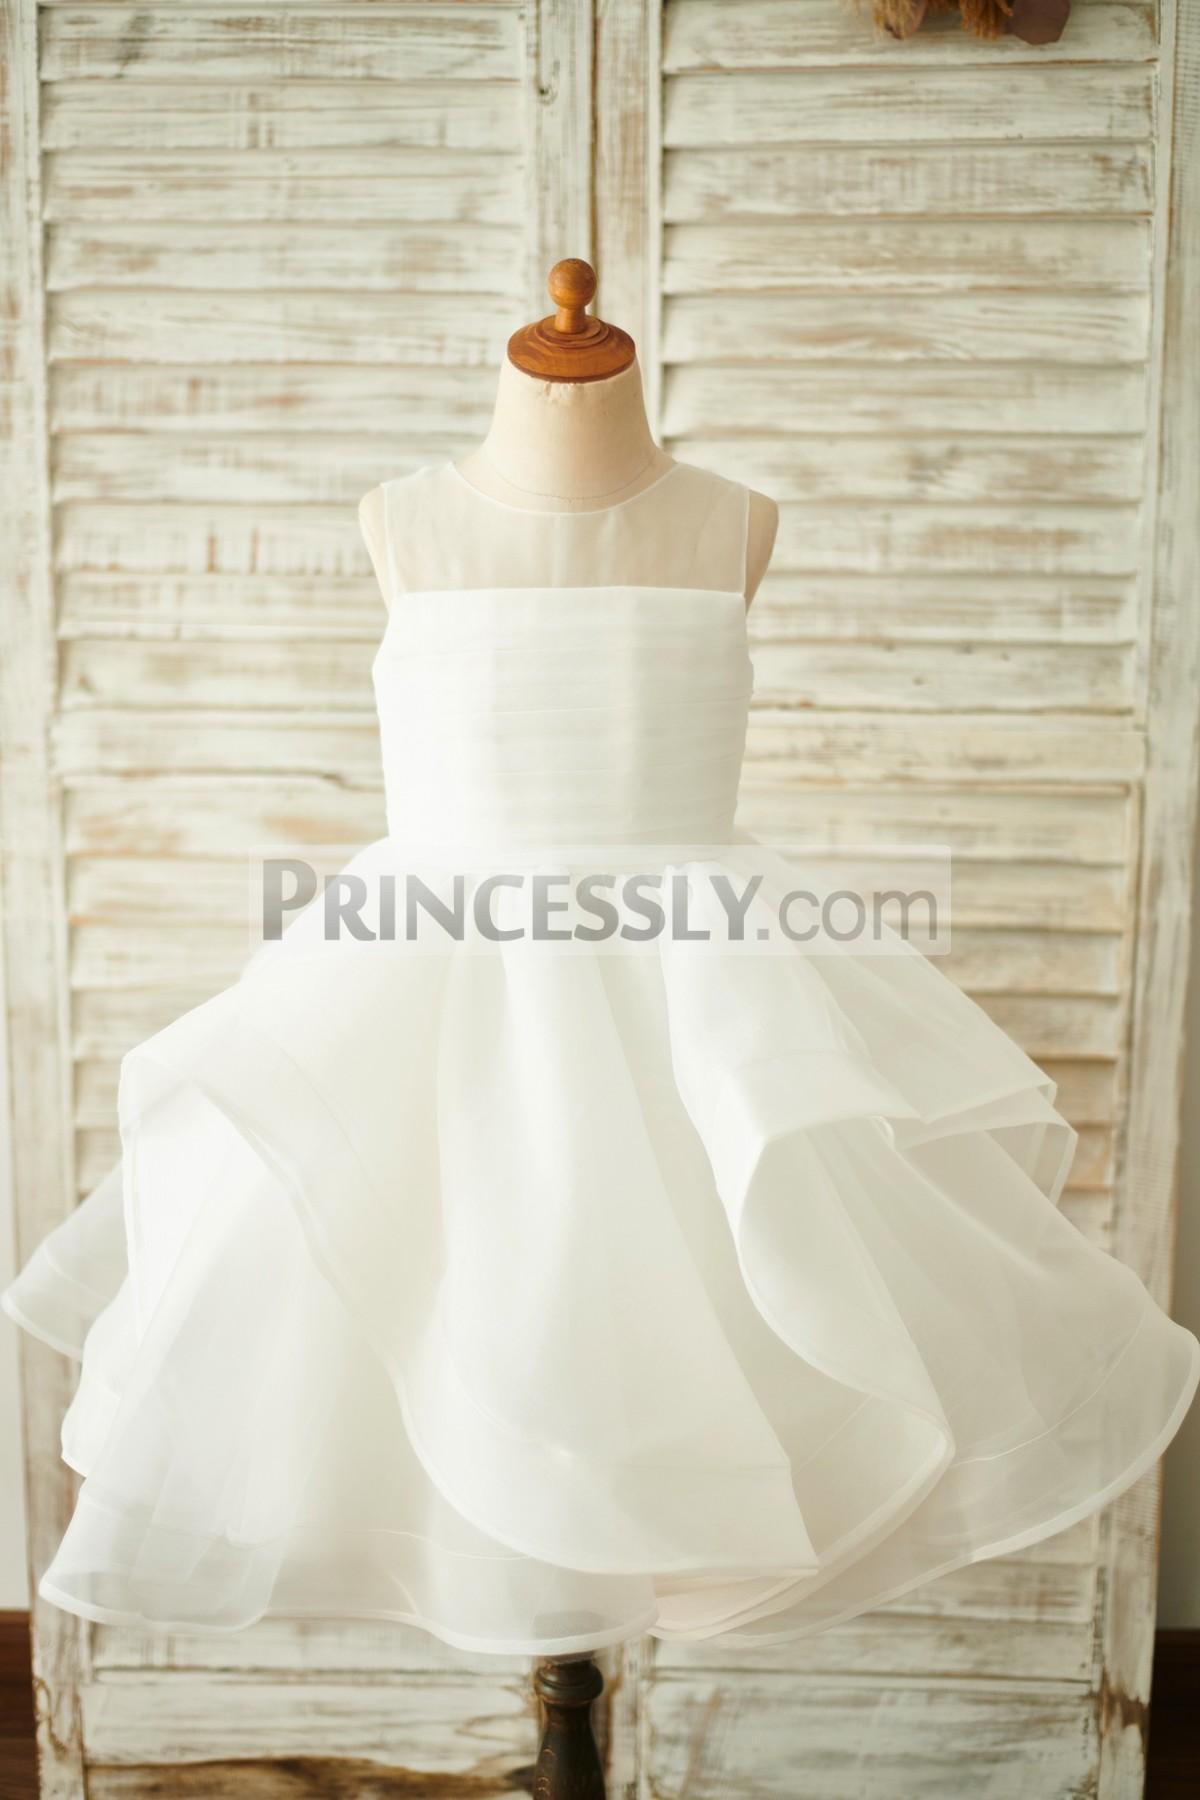 Princessly.com-K1003855-Ivory Organza V Back Wedding Flower Girl Dress-31